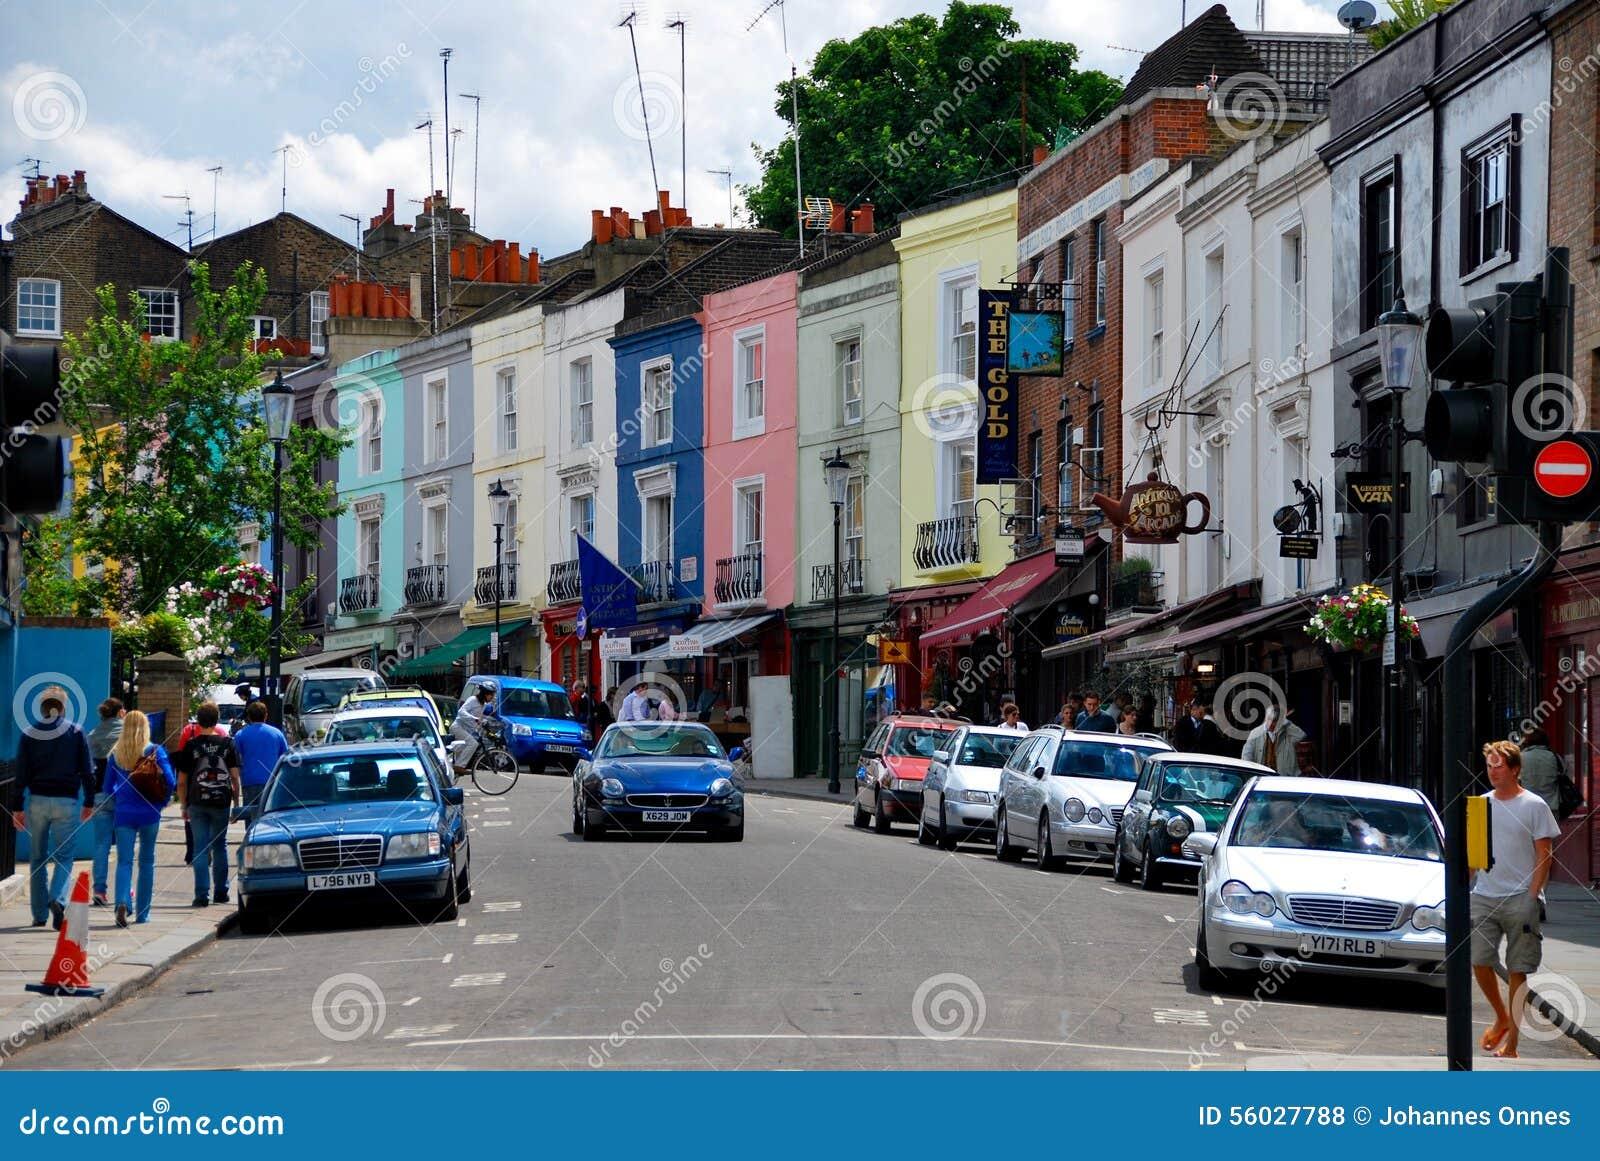 leute die in notting hill london kaufen redaktionelles stockfoto bild von sommer k nigreich. Black Bedroom Furniture Sets. Home Design Ideas